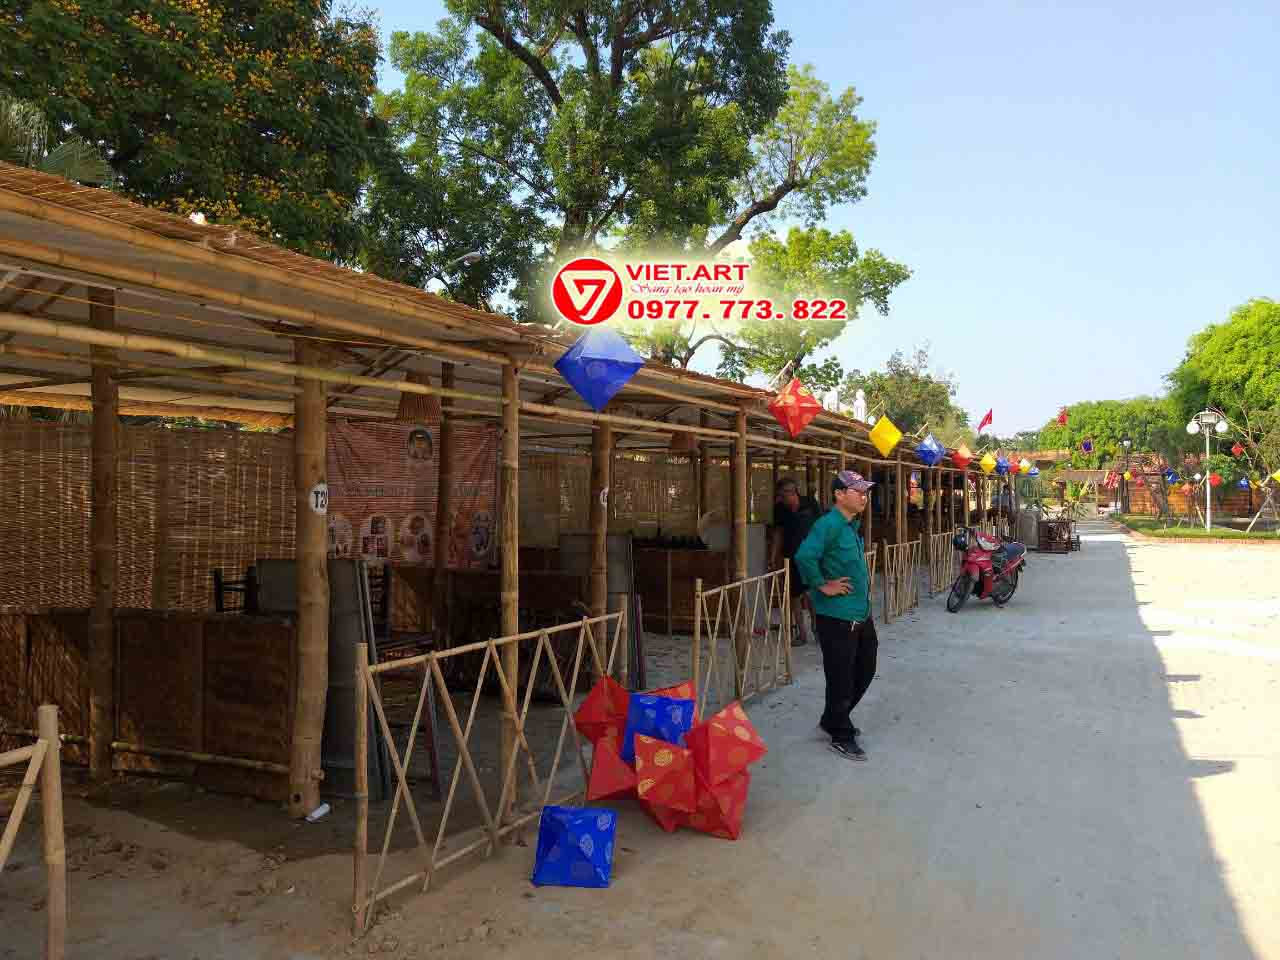 Tổ chức sự kiện Hội chợ quê